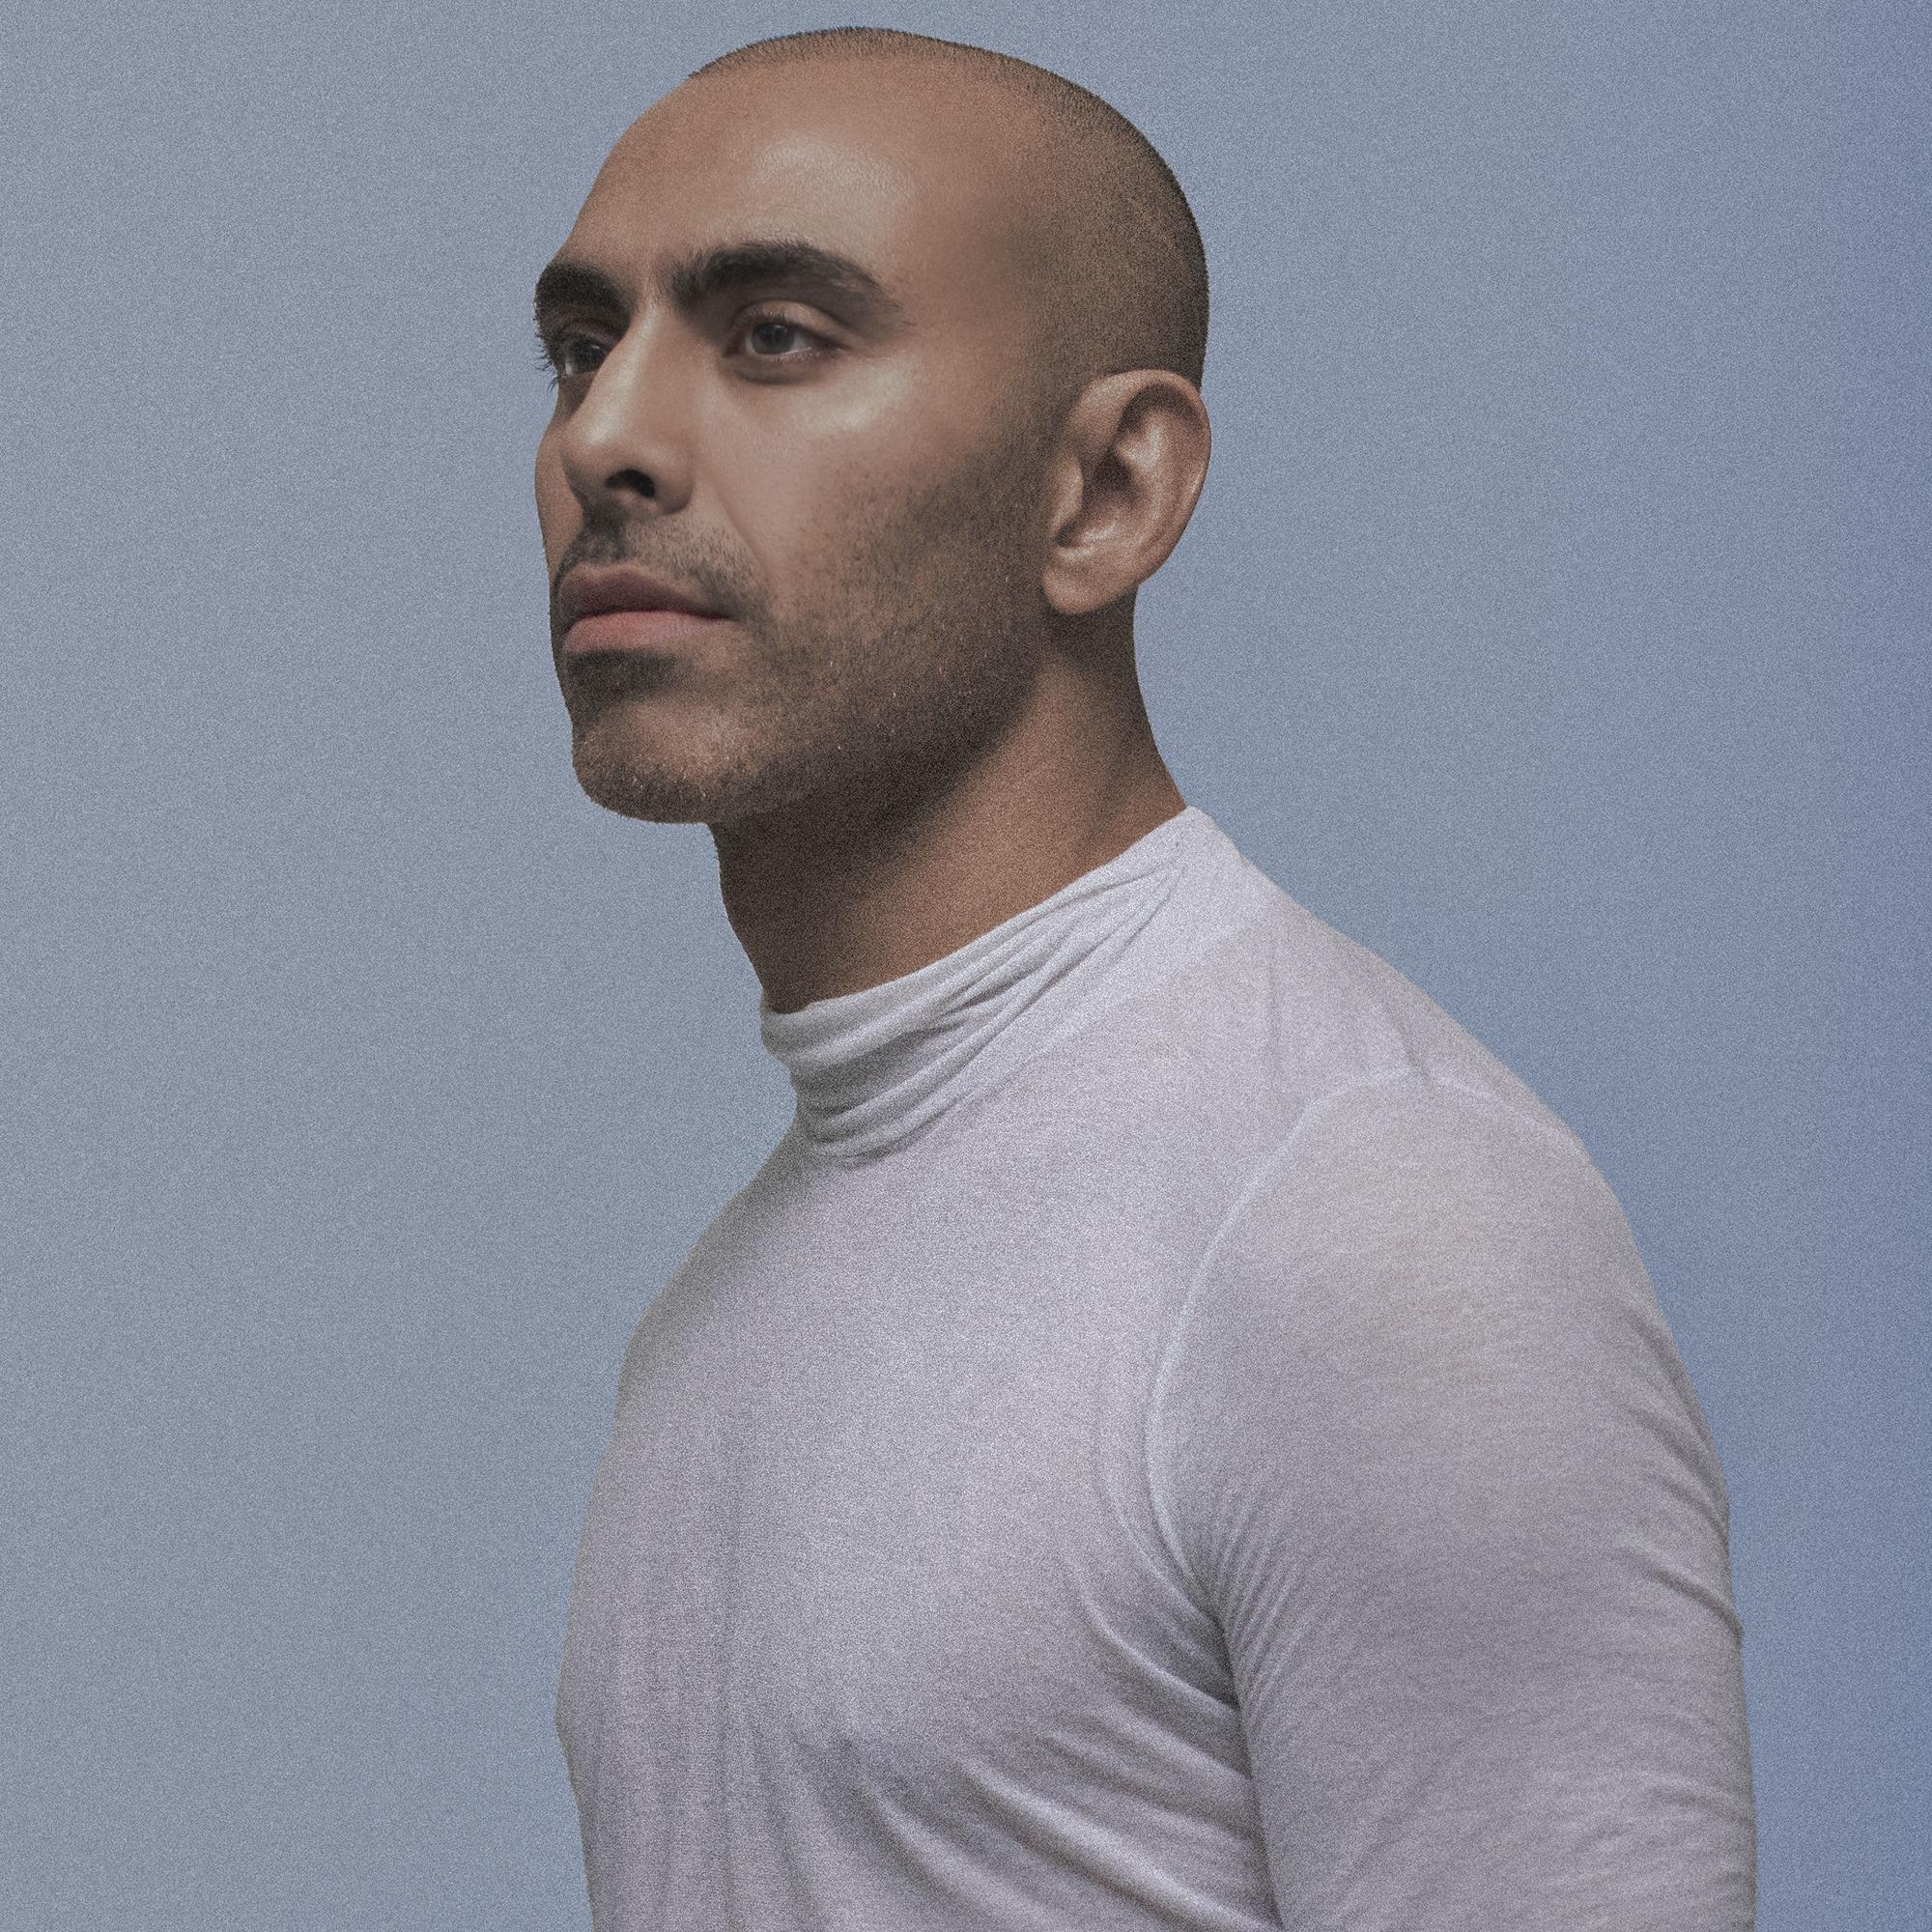 Pedram Karimi